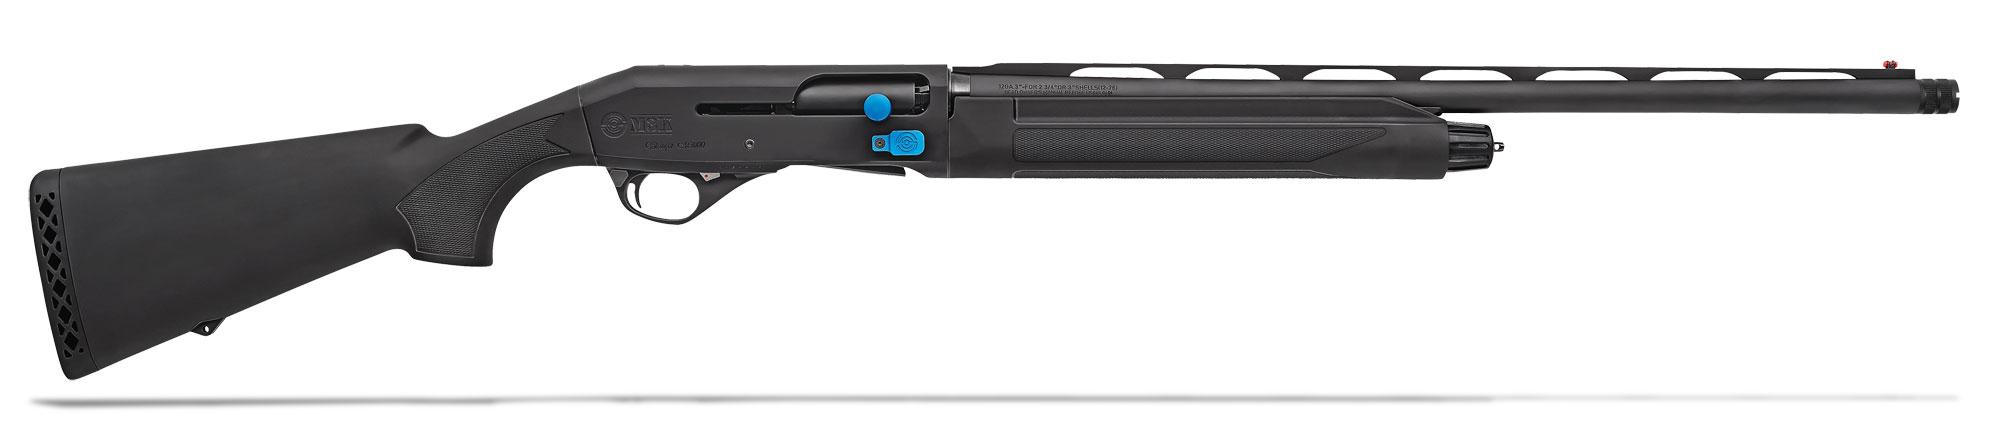 Stoeger M3000 M3K 3Gun 12ga 31855